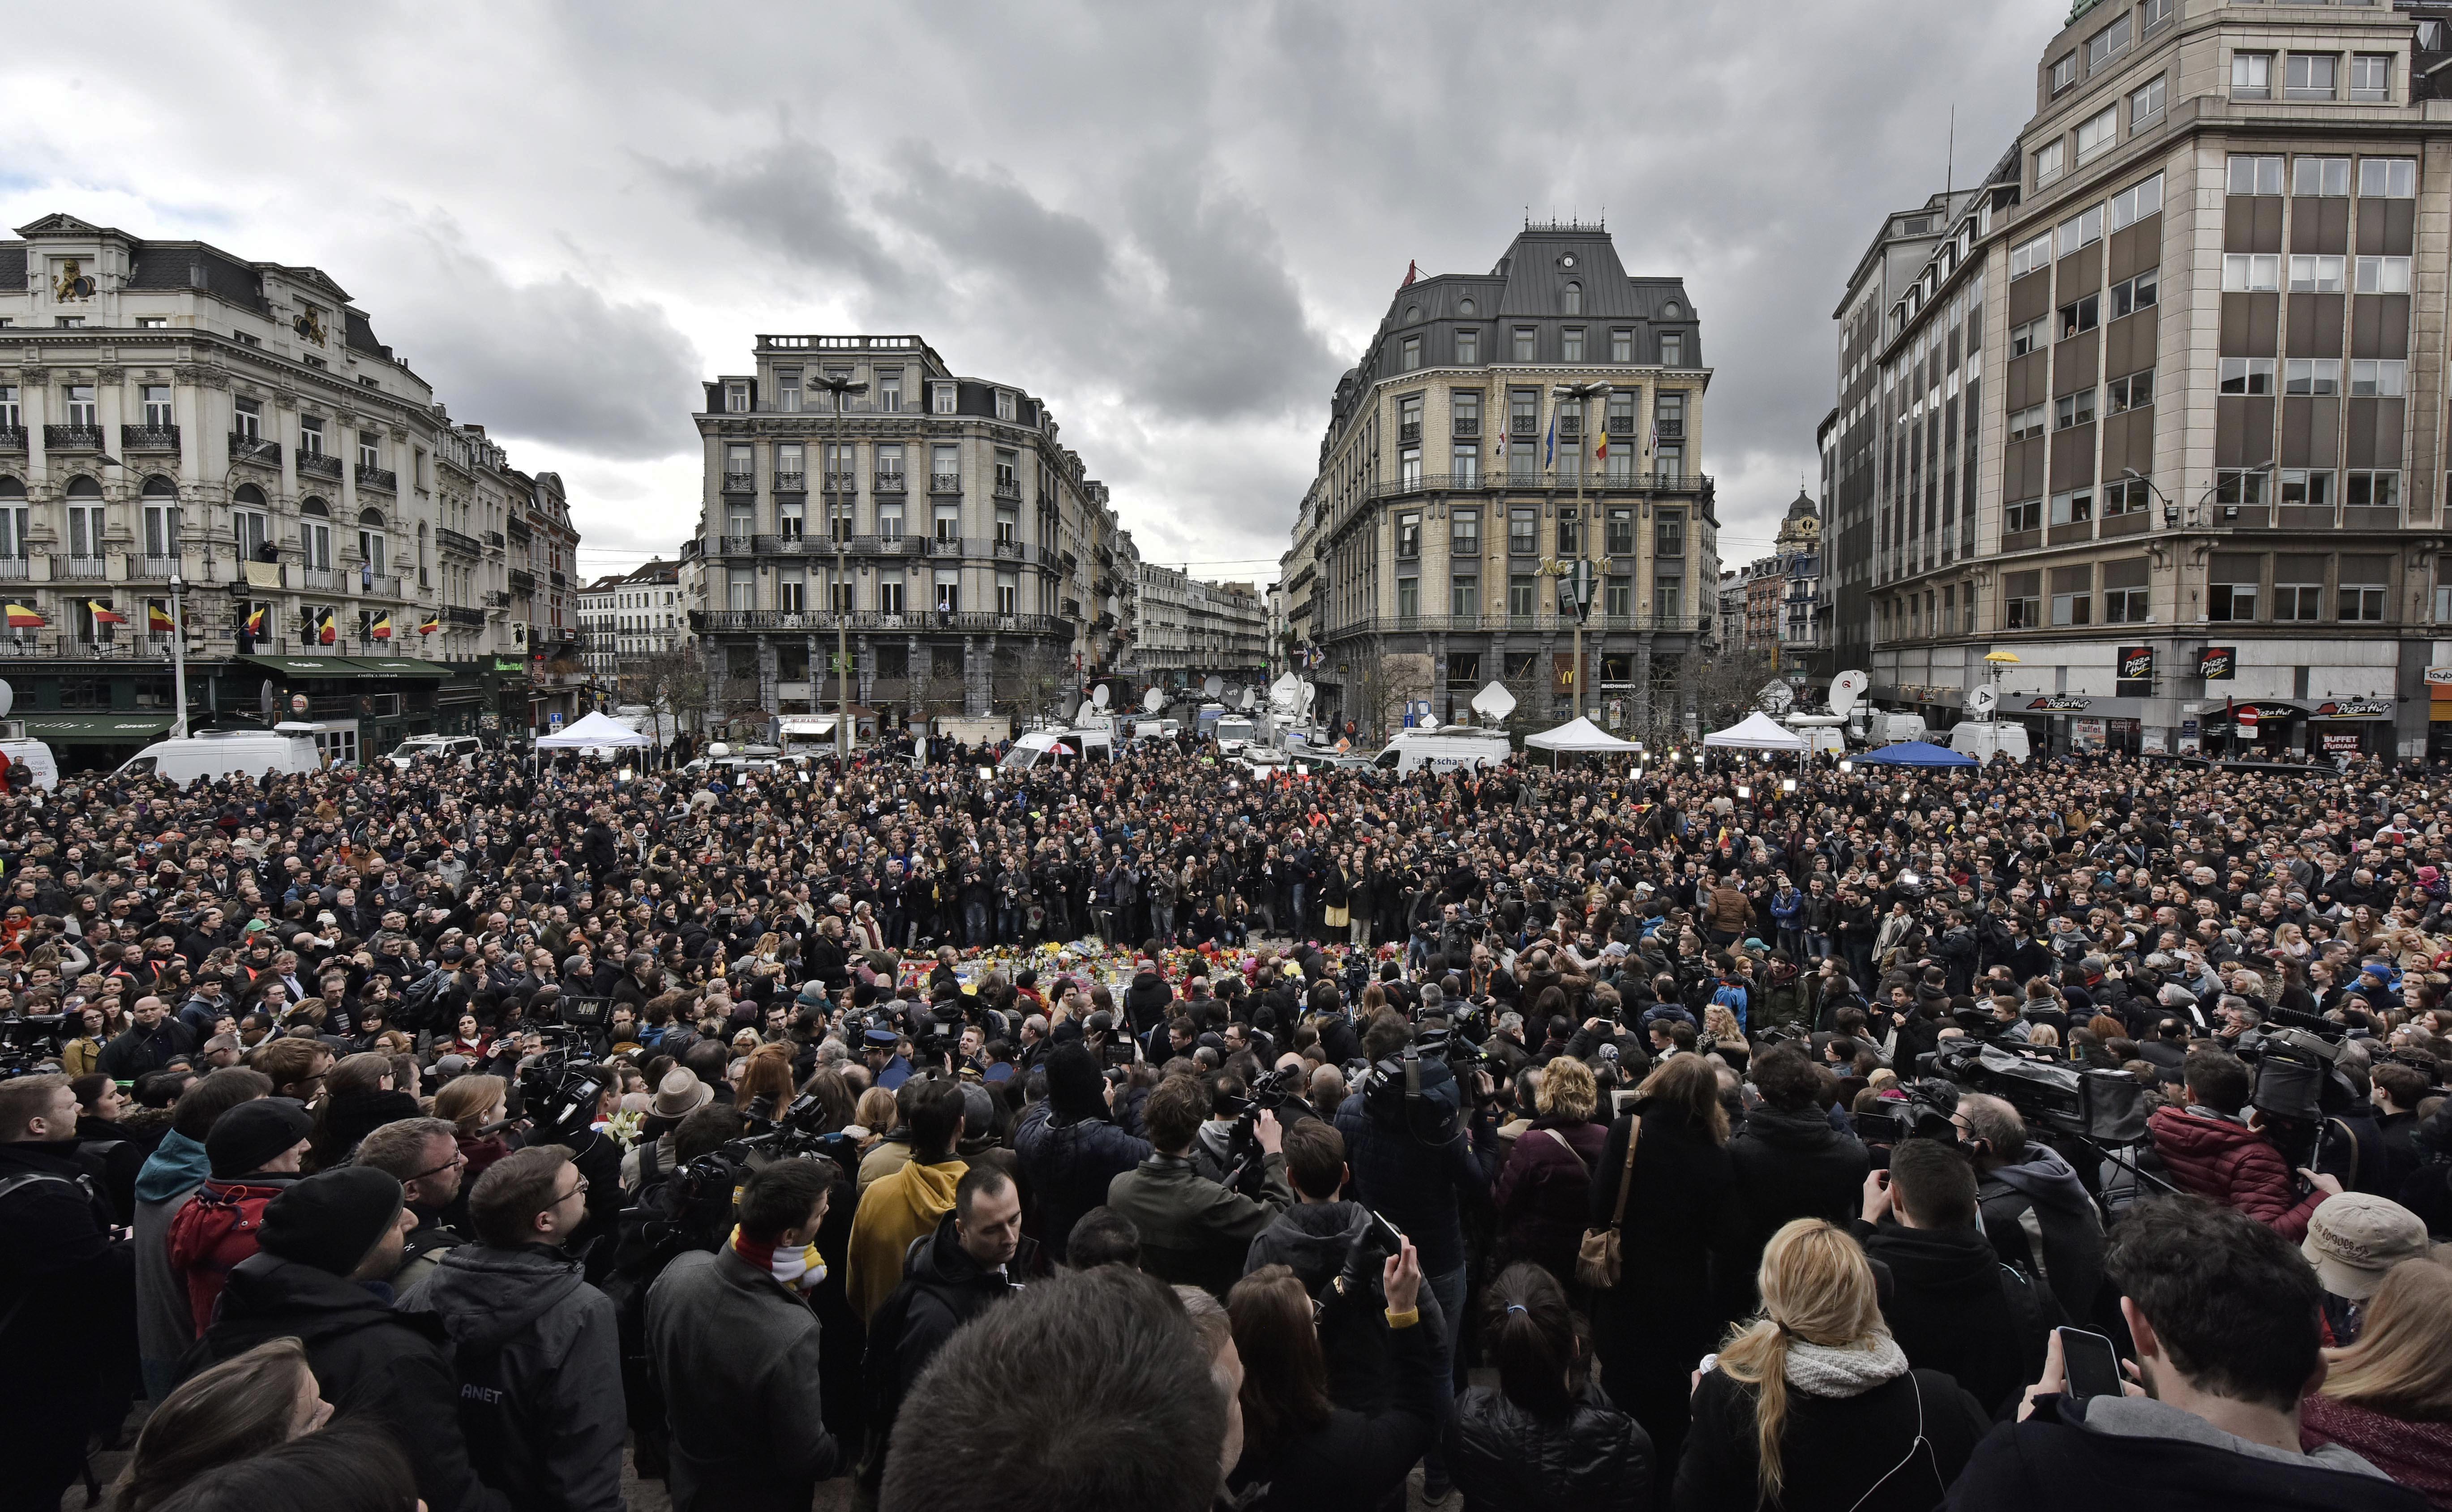 Brussel Bombings